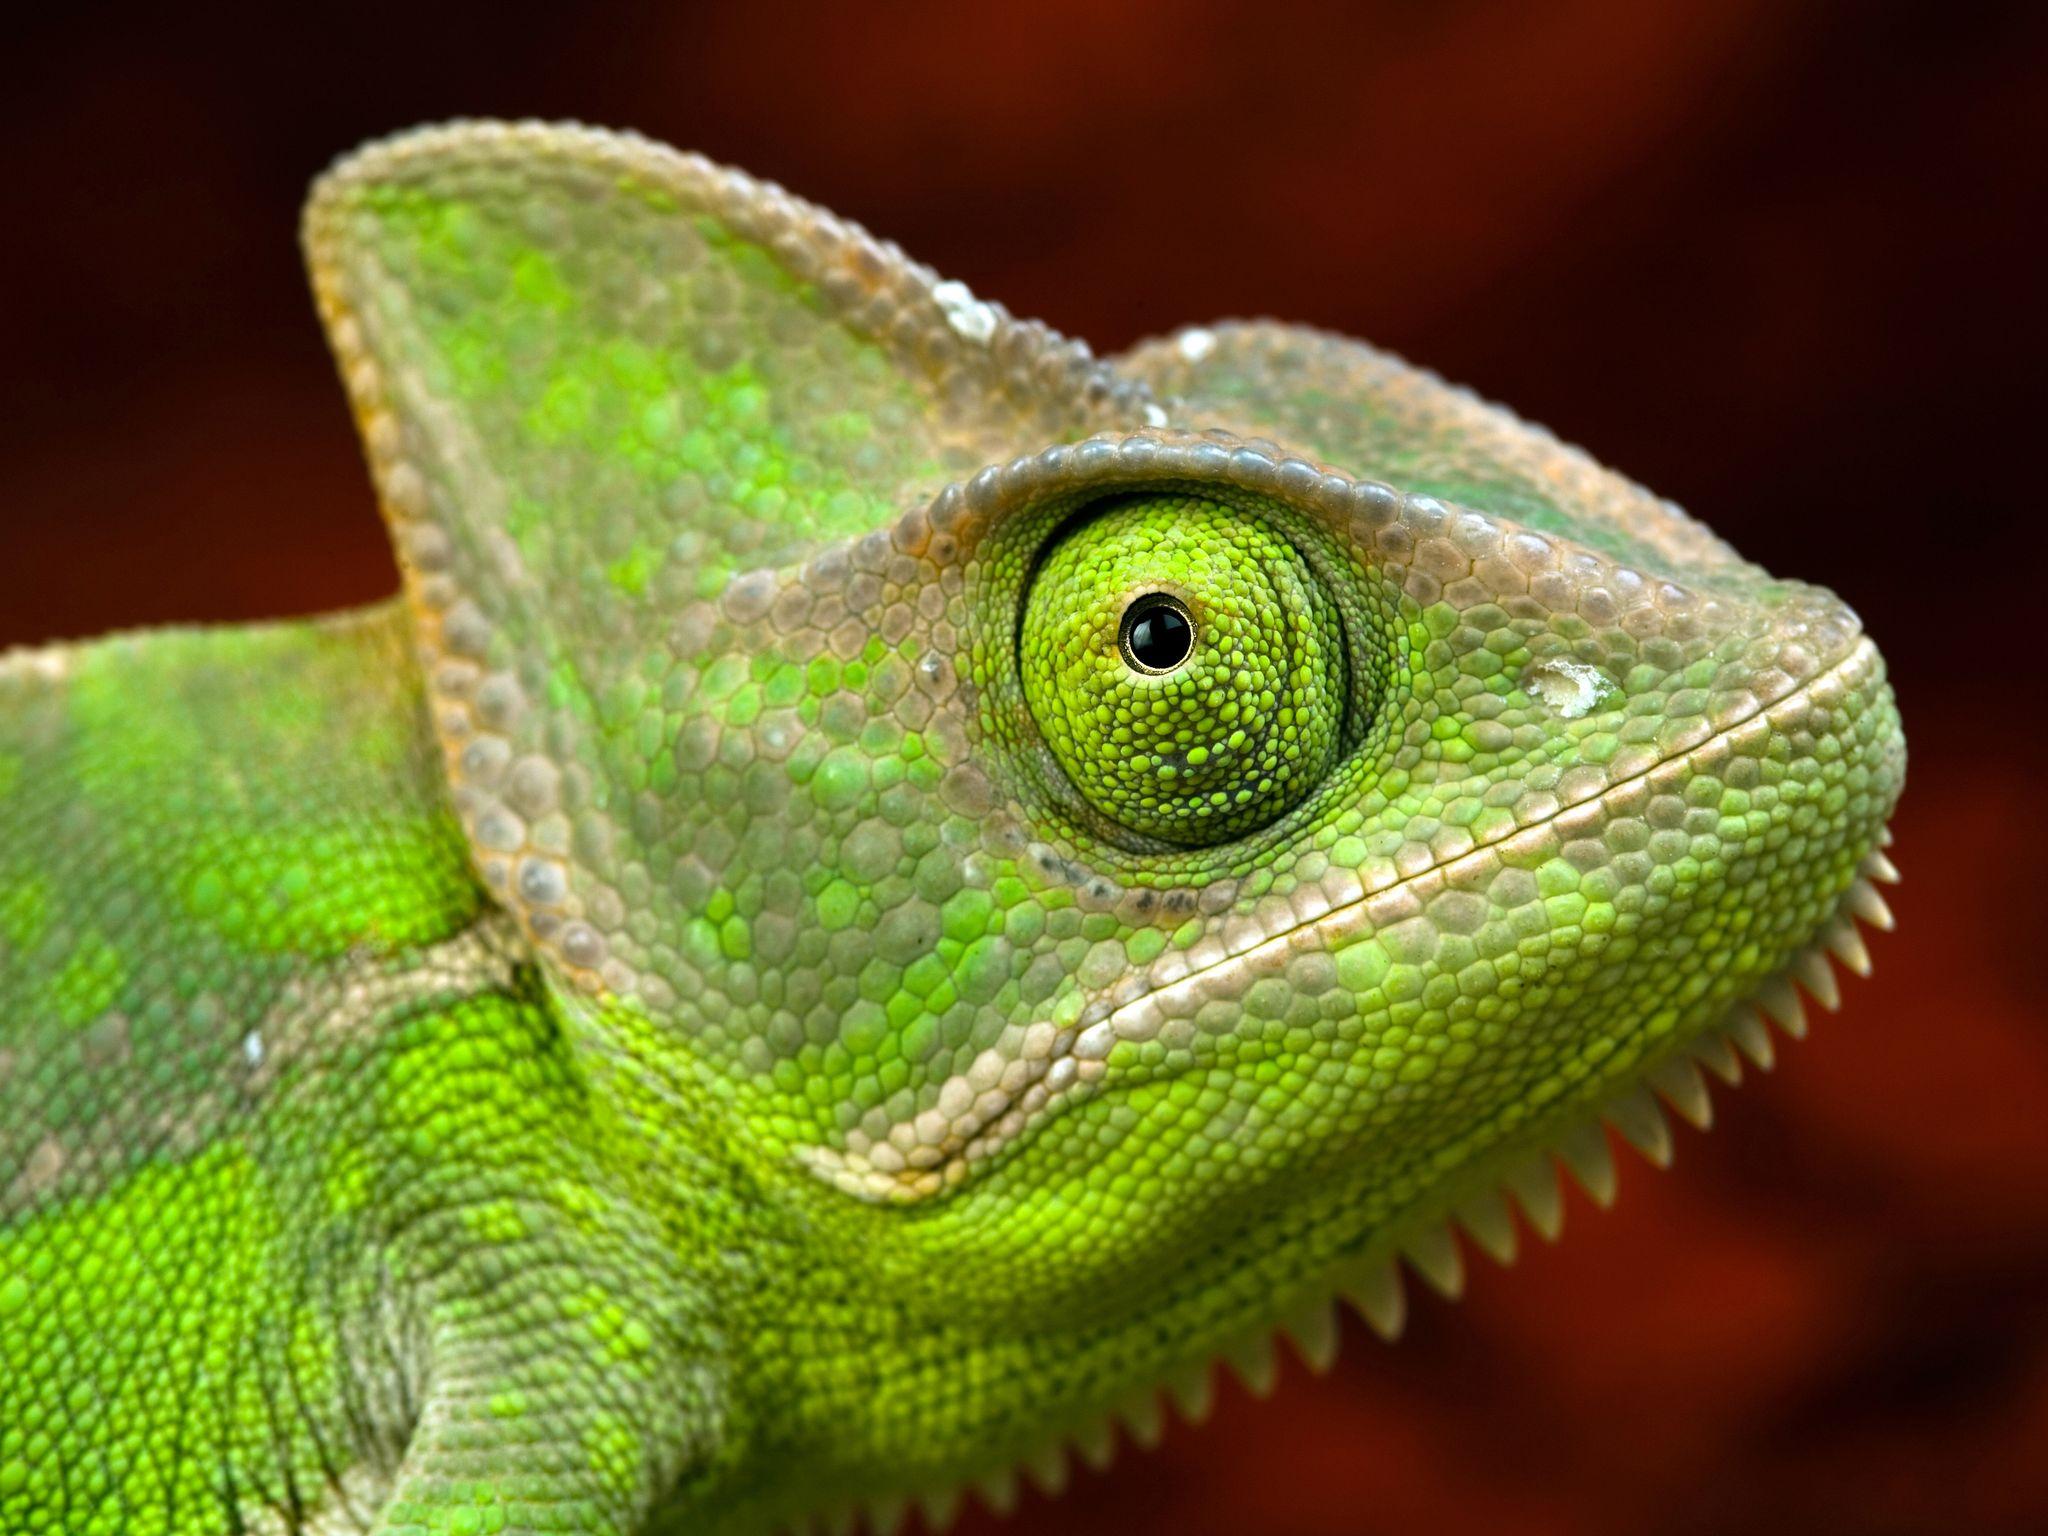 Download HQ Reptiles wallpaper / Animals / 2048x1536